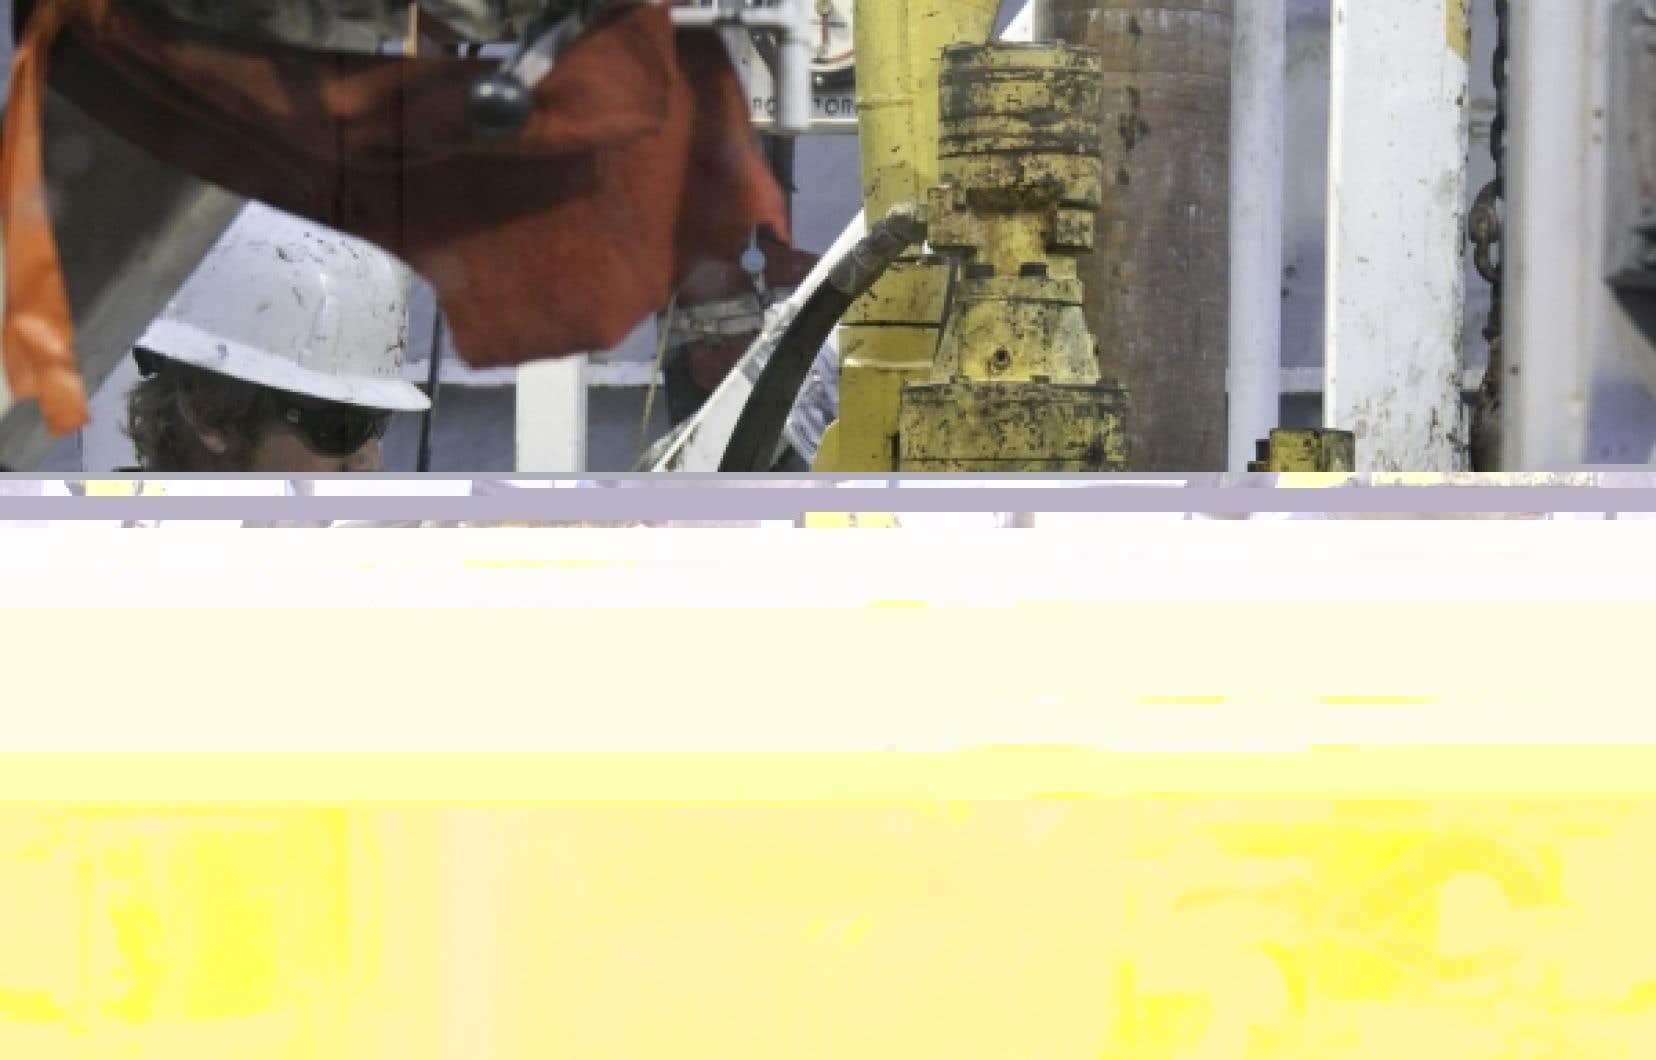 Le dossier des ressources pétrolières d'Anticosti a été abordé uniquement sous l'angle des milliards de dollars qui pourraient être tirés de l'exploitation de cet or noir.